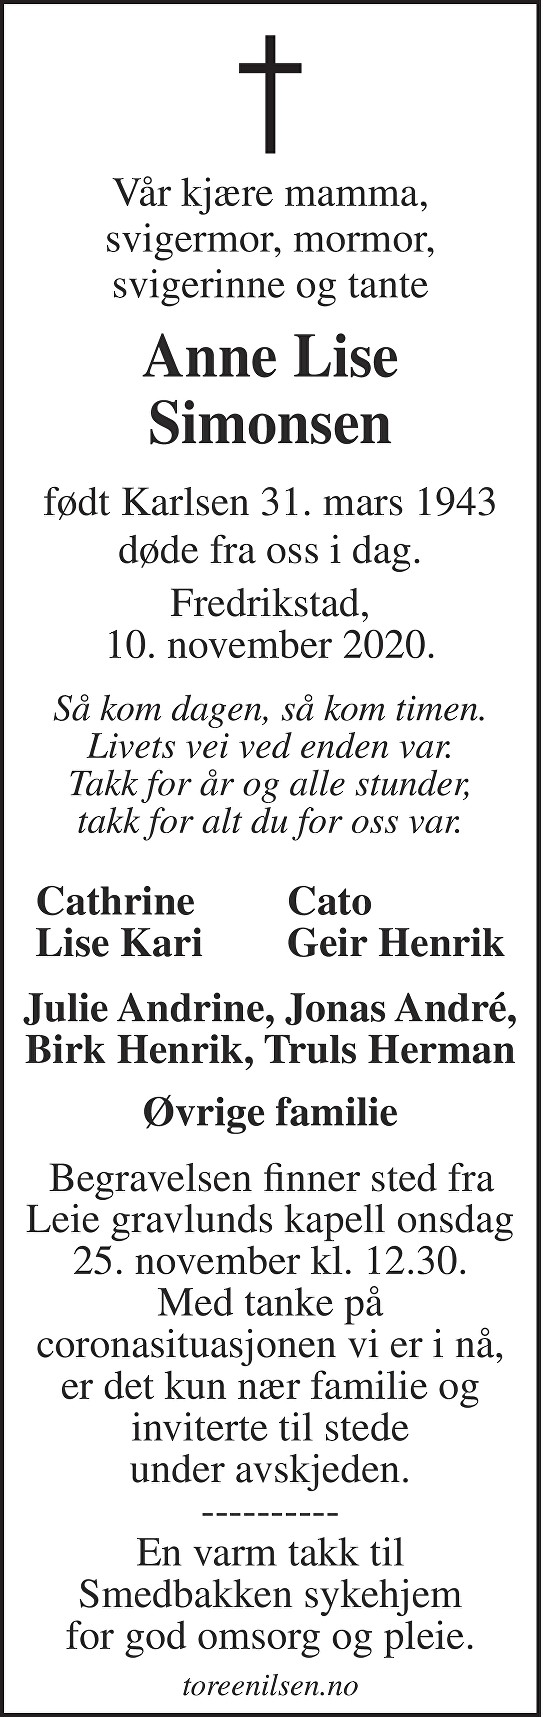 Anne Lise Simonsen Dødsannonse